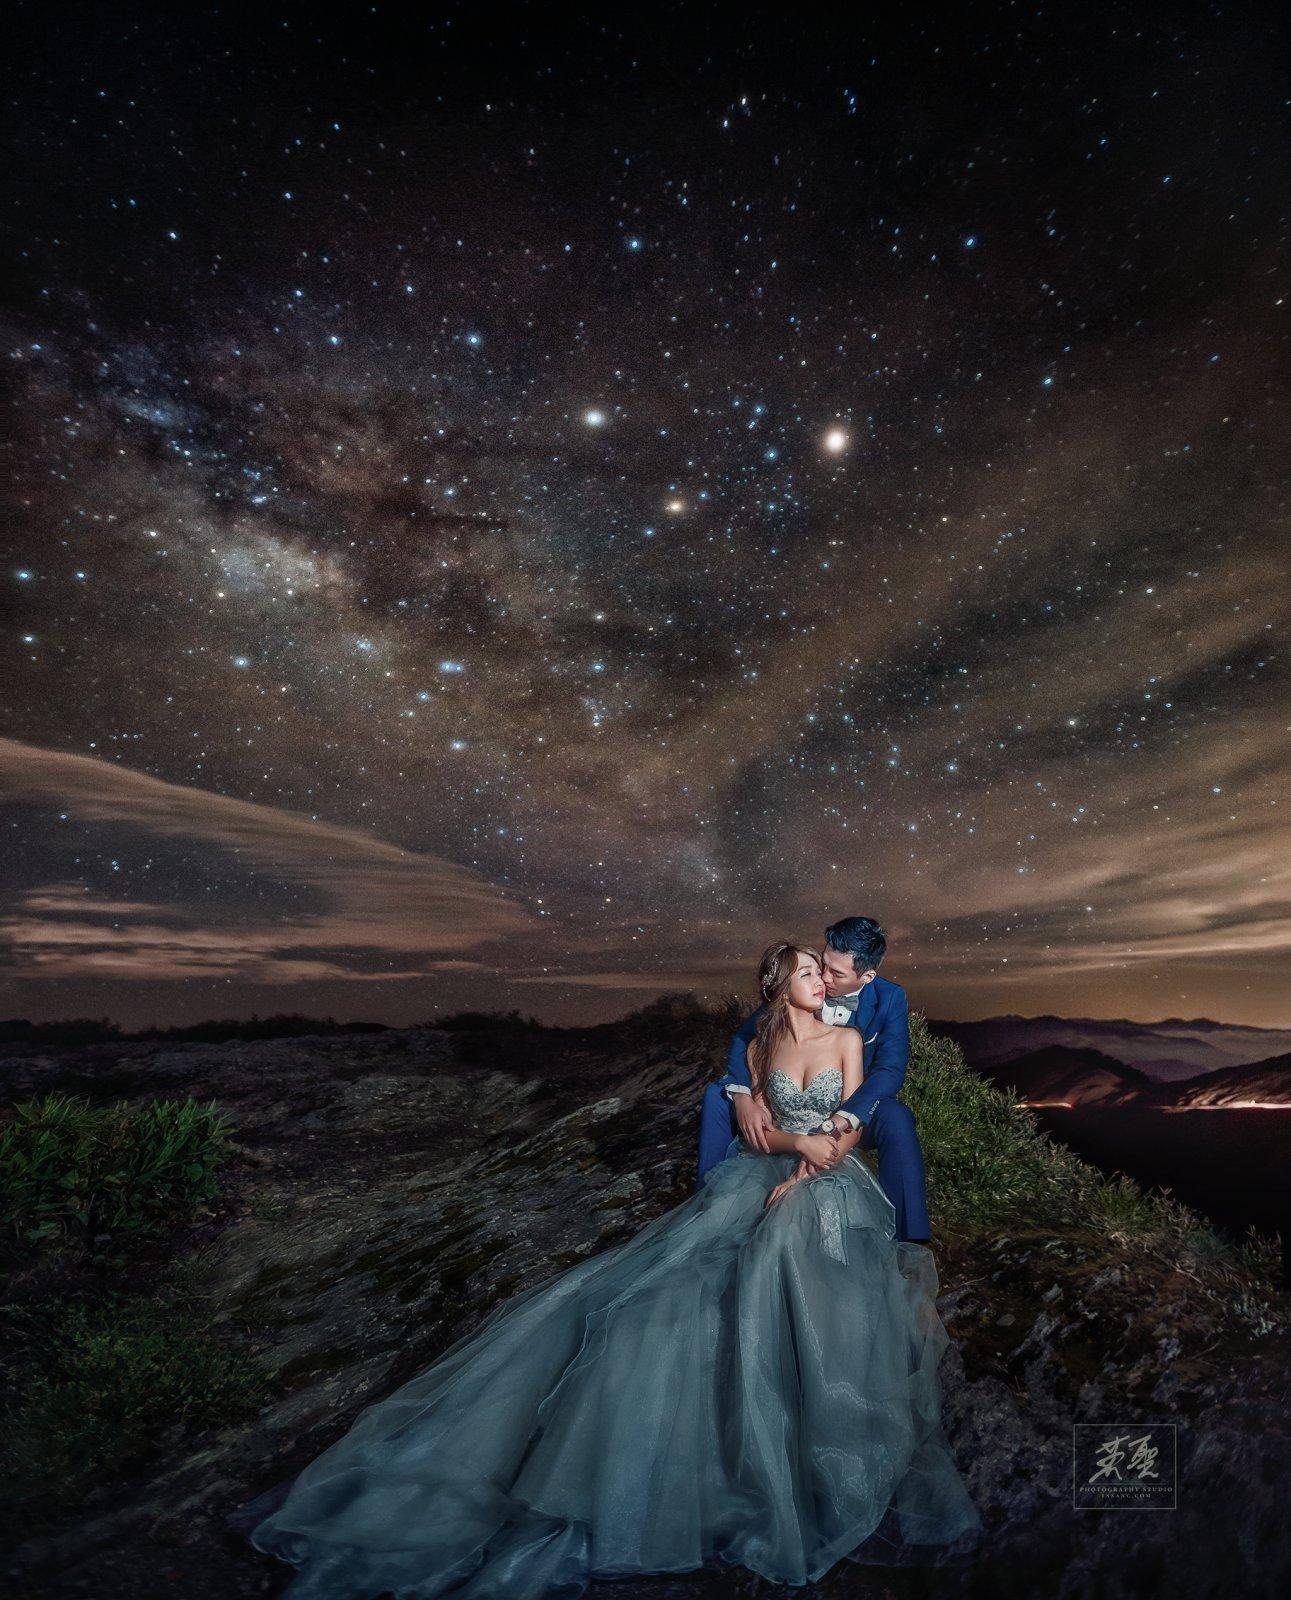 銀河婚紗星空婚紗